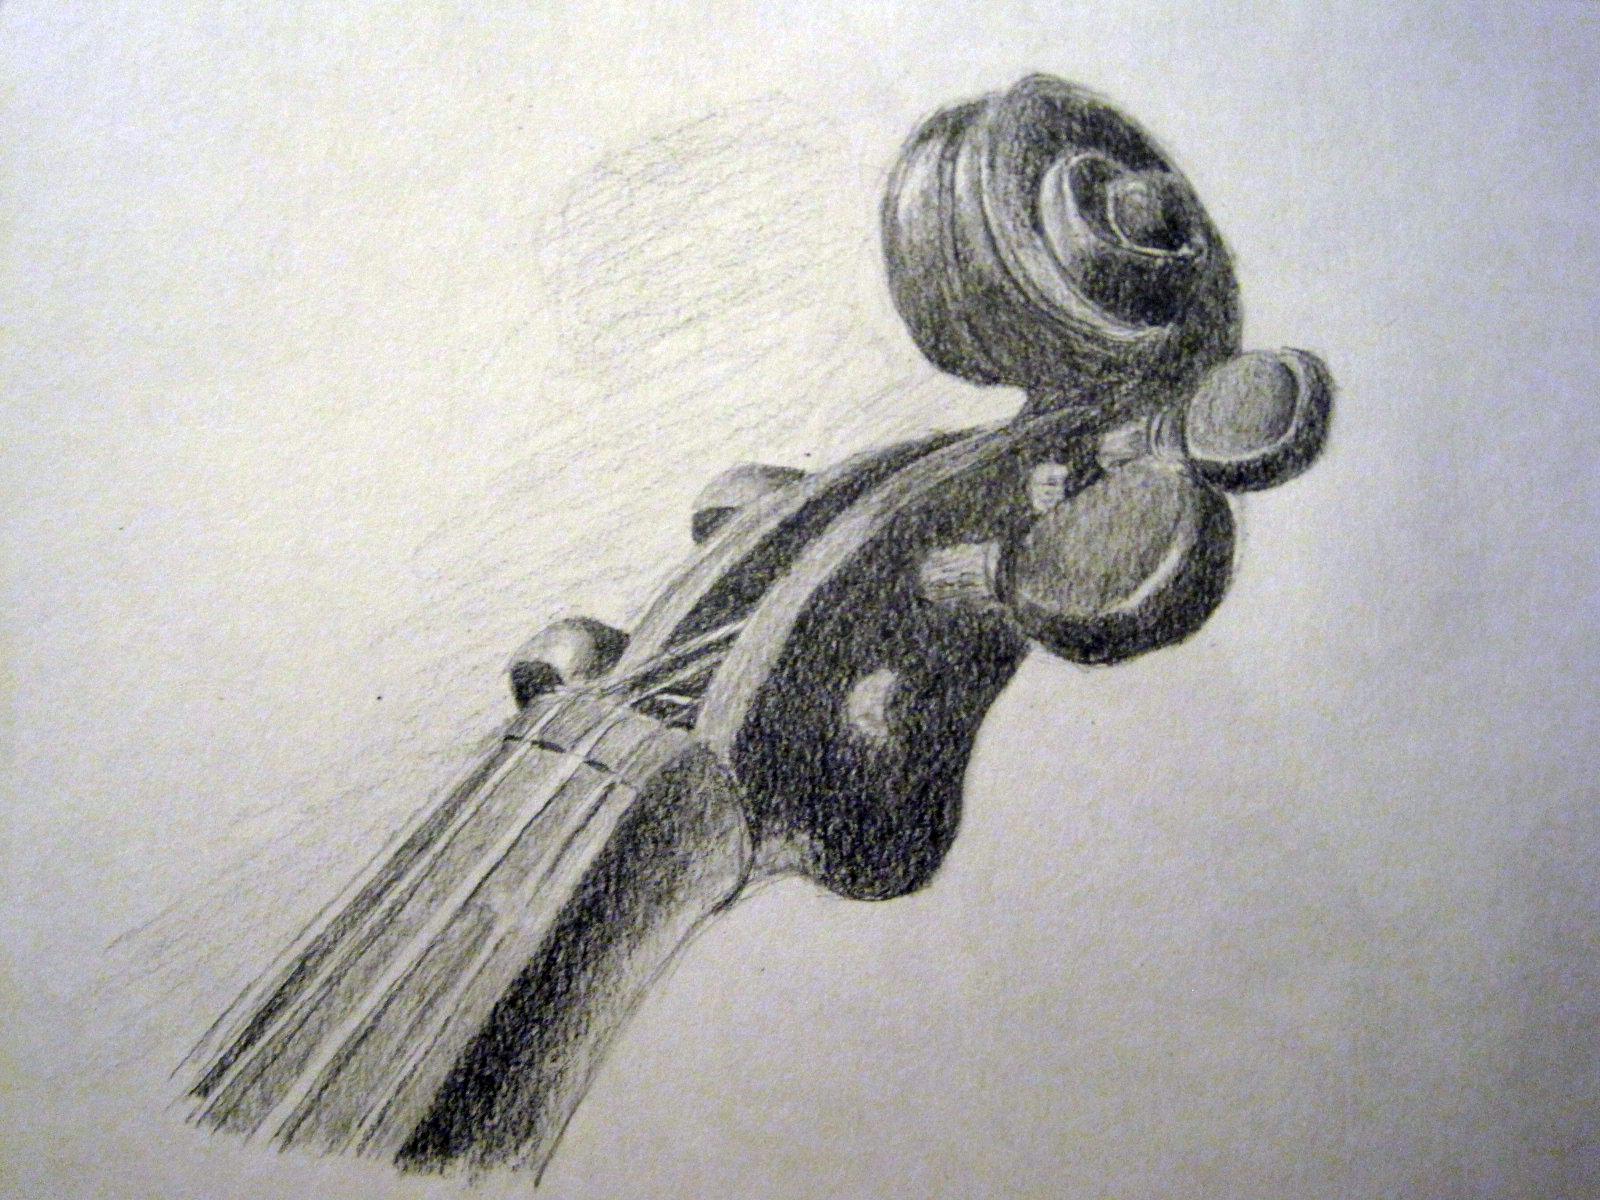 violin scroll by rosesakura921 on DeviantArt